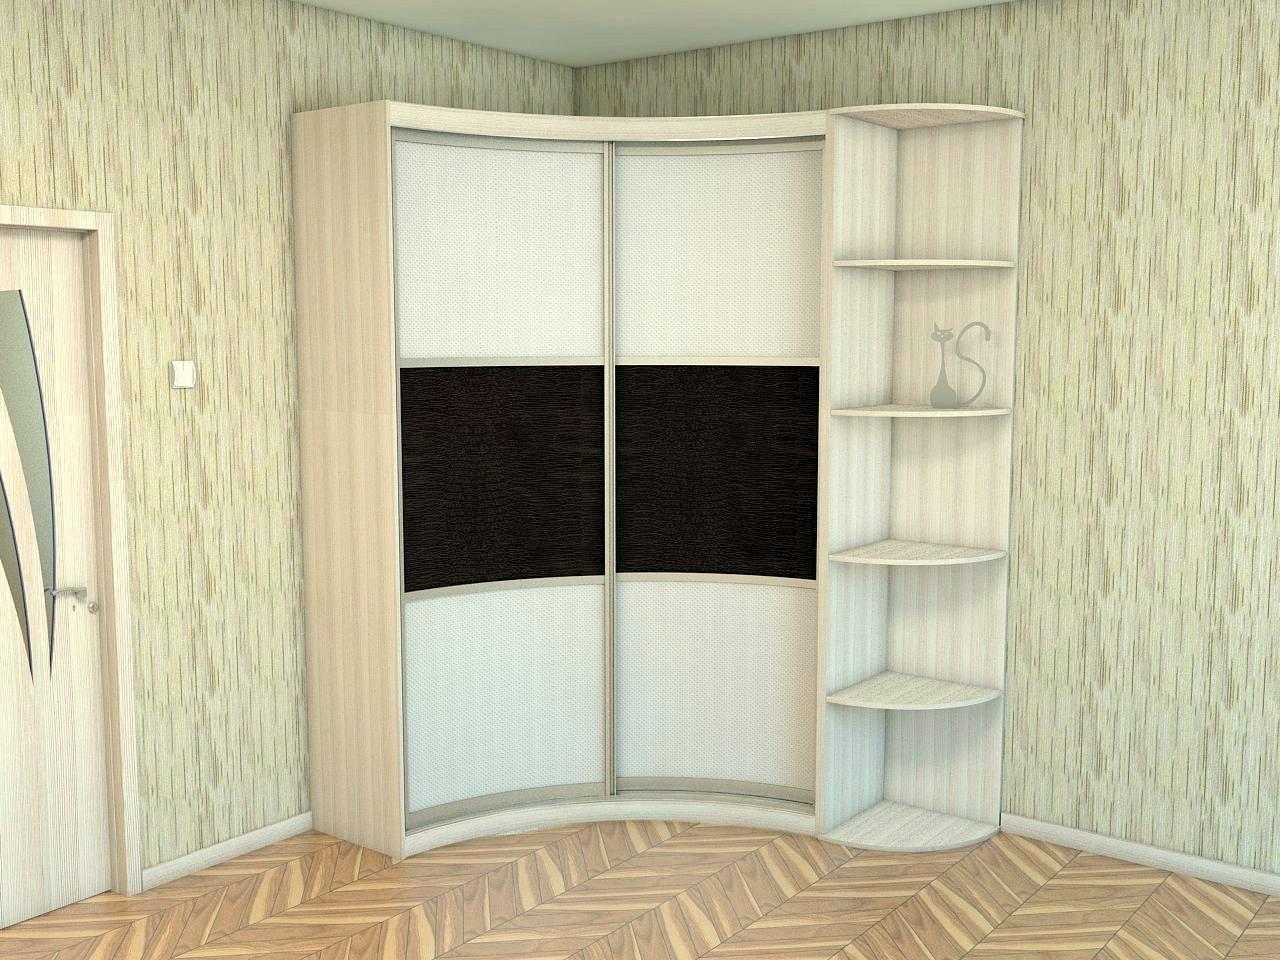 Образцы углового шкафа в спальню на заказ в заволжье.